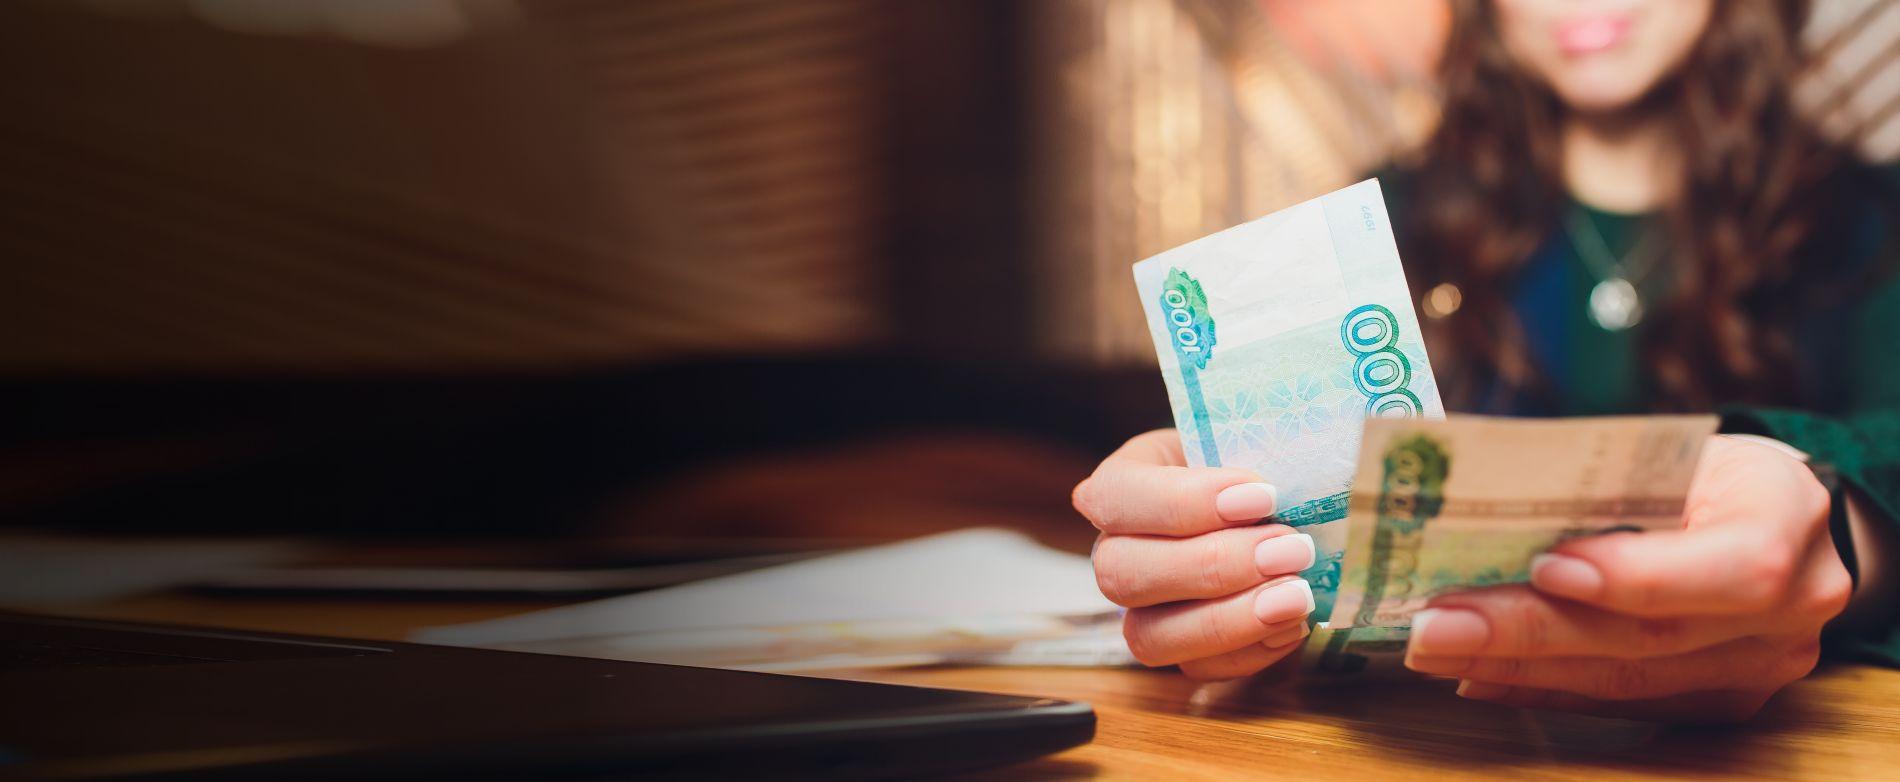 Деньги взайм. Срочно. Одобрение 98%. Ставка от 5,4%. Ежемесячный платеж от 2 167,32 р/мес. Срок до 20 лет.